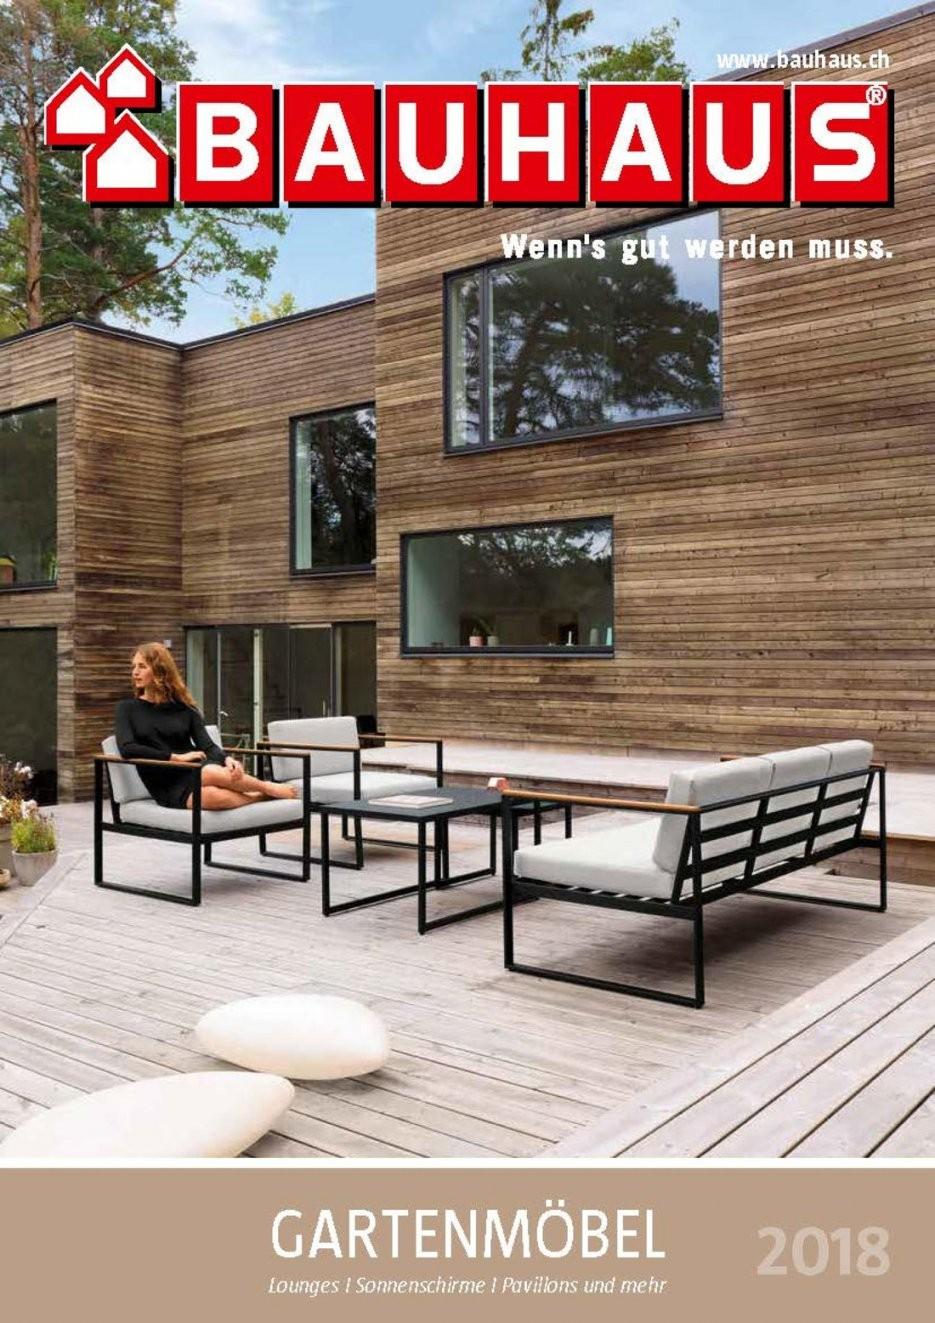 Broschüren Zum Thema Garten Bauhaus Schweiz von Bauhaus Steine Garten Photo